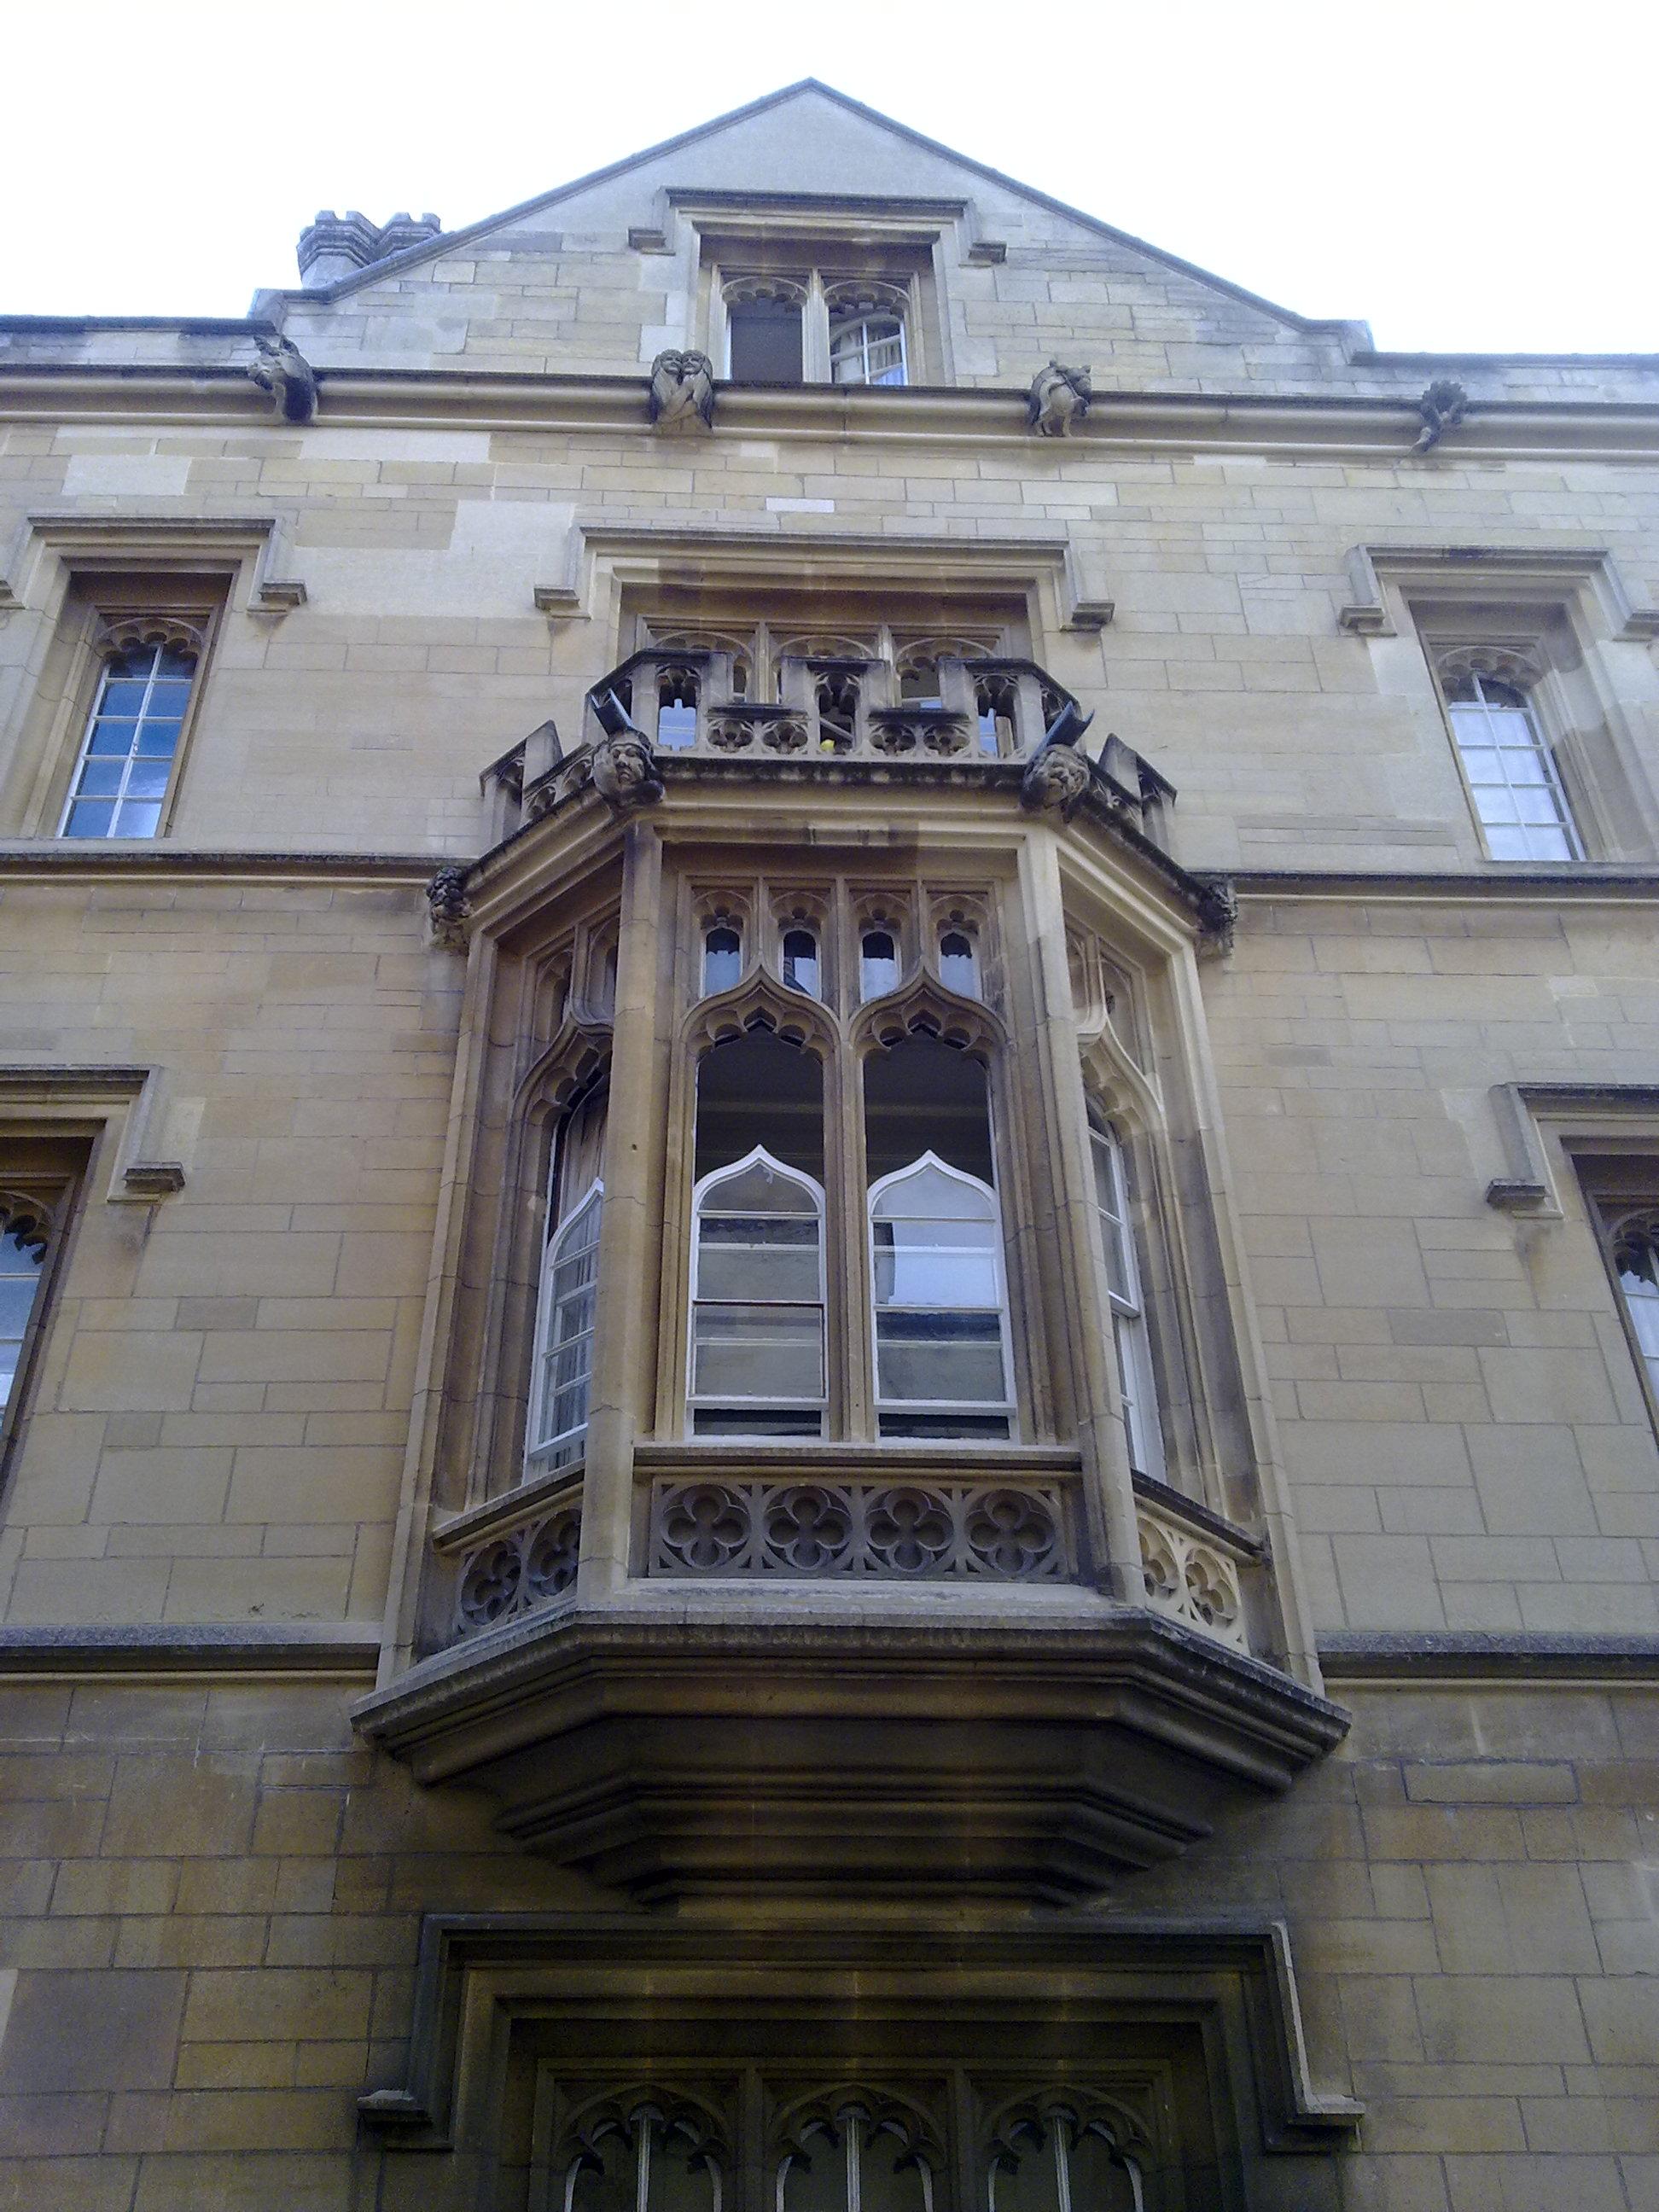 Bay window exterior designs - Bay Window Exterior Designs 31